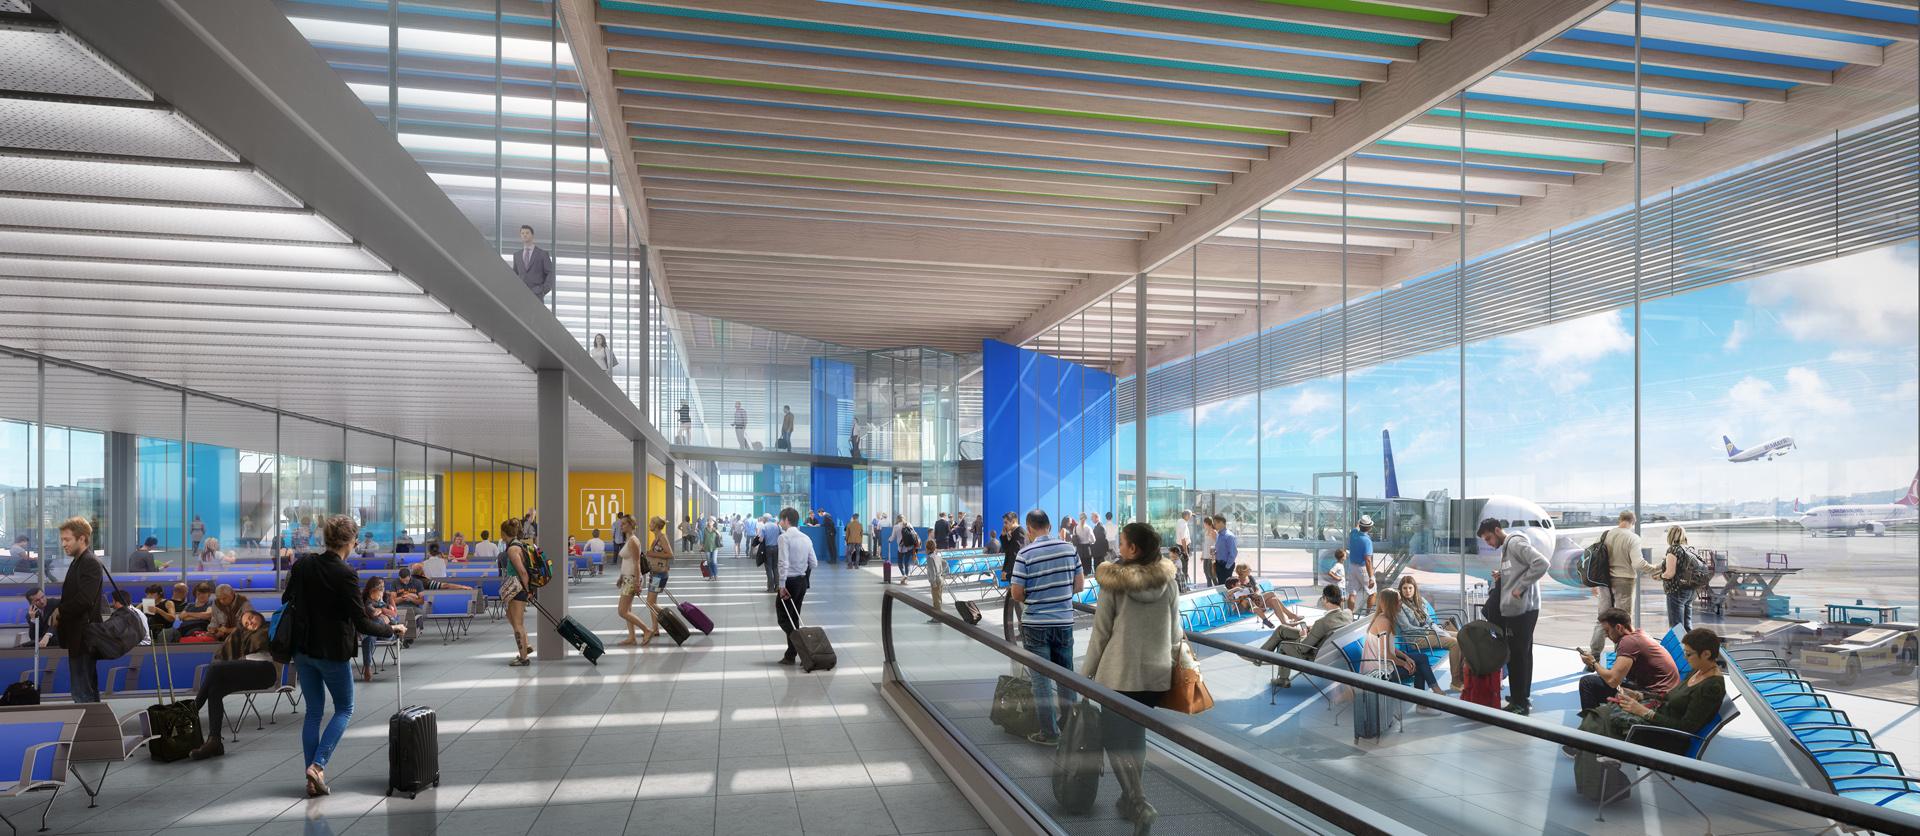 MAP-Aeroport Marseille Provence-VUE PASSERELLE_full